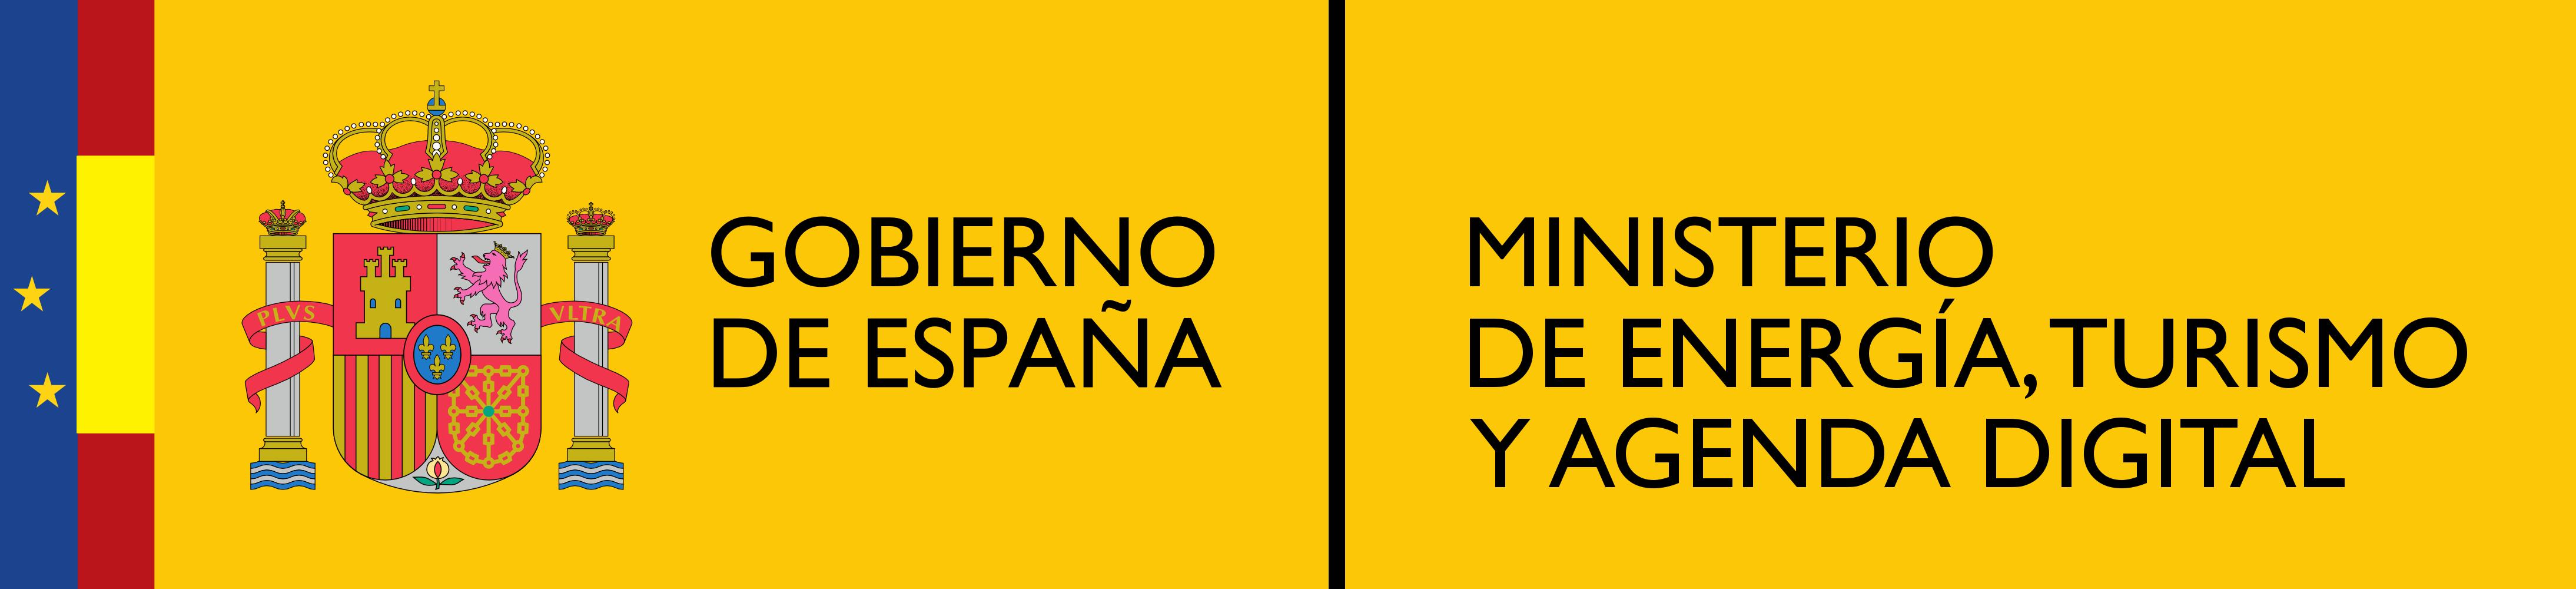 Archivo logo del ministerio de energ a turismo y agenda for Ministerio del turismo